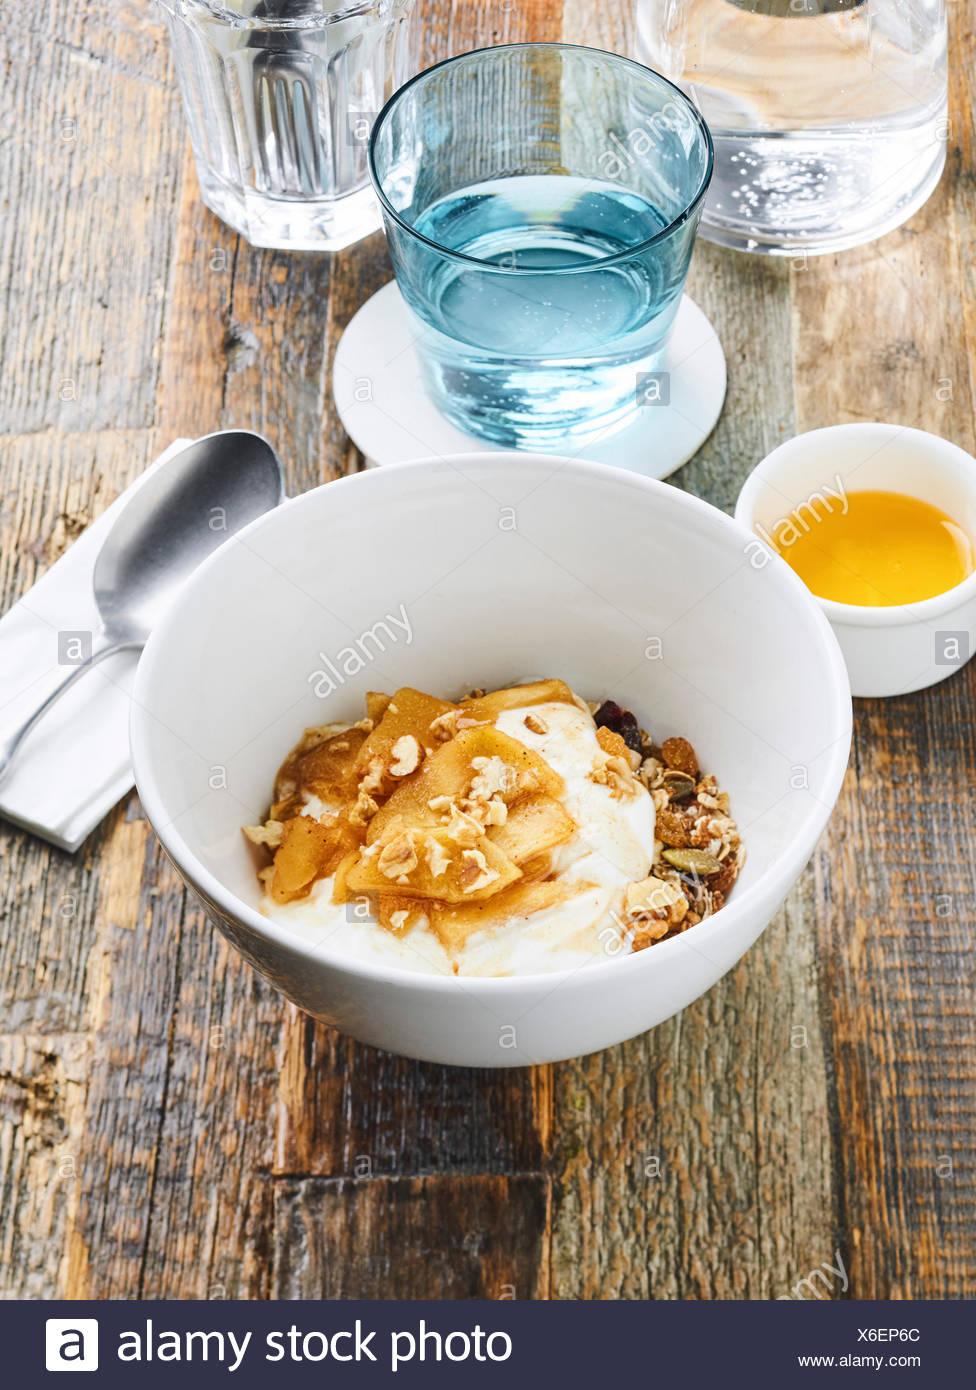 El muesli caramelizado con manzanas y yogur, disparó desde arriba Imagen De Stock